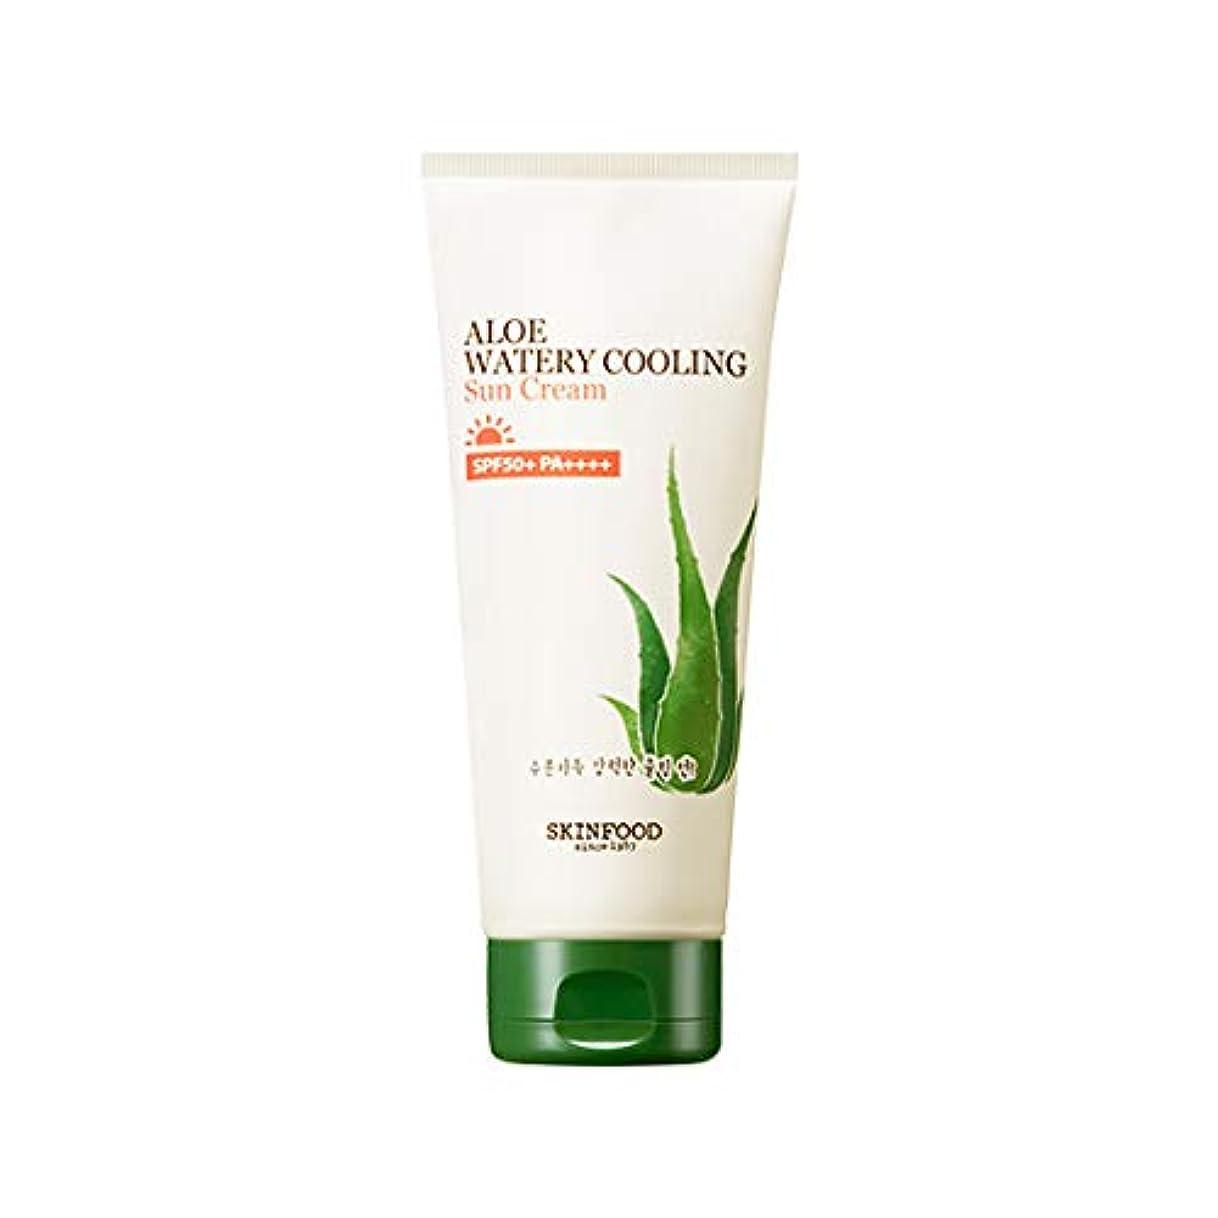 グラディス風刺定常Skinfood アロエ水冷サンクリーム/Aloe Water Cooling Sun Cream 200g [並行輸入品]